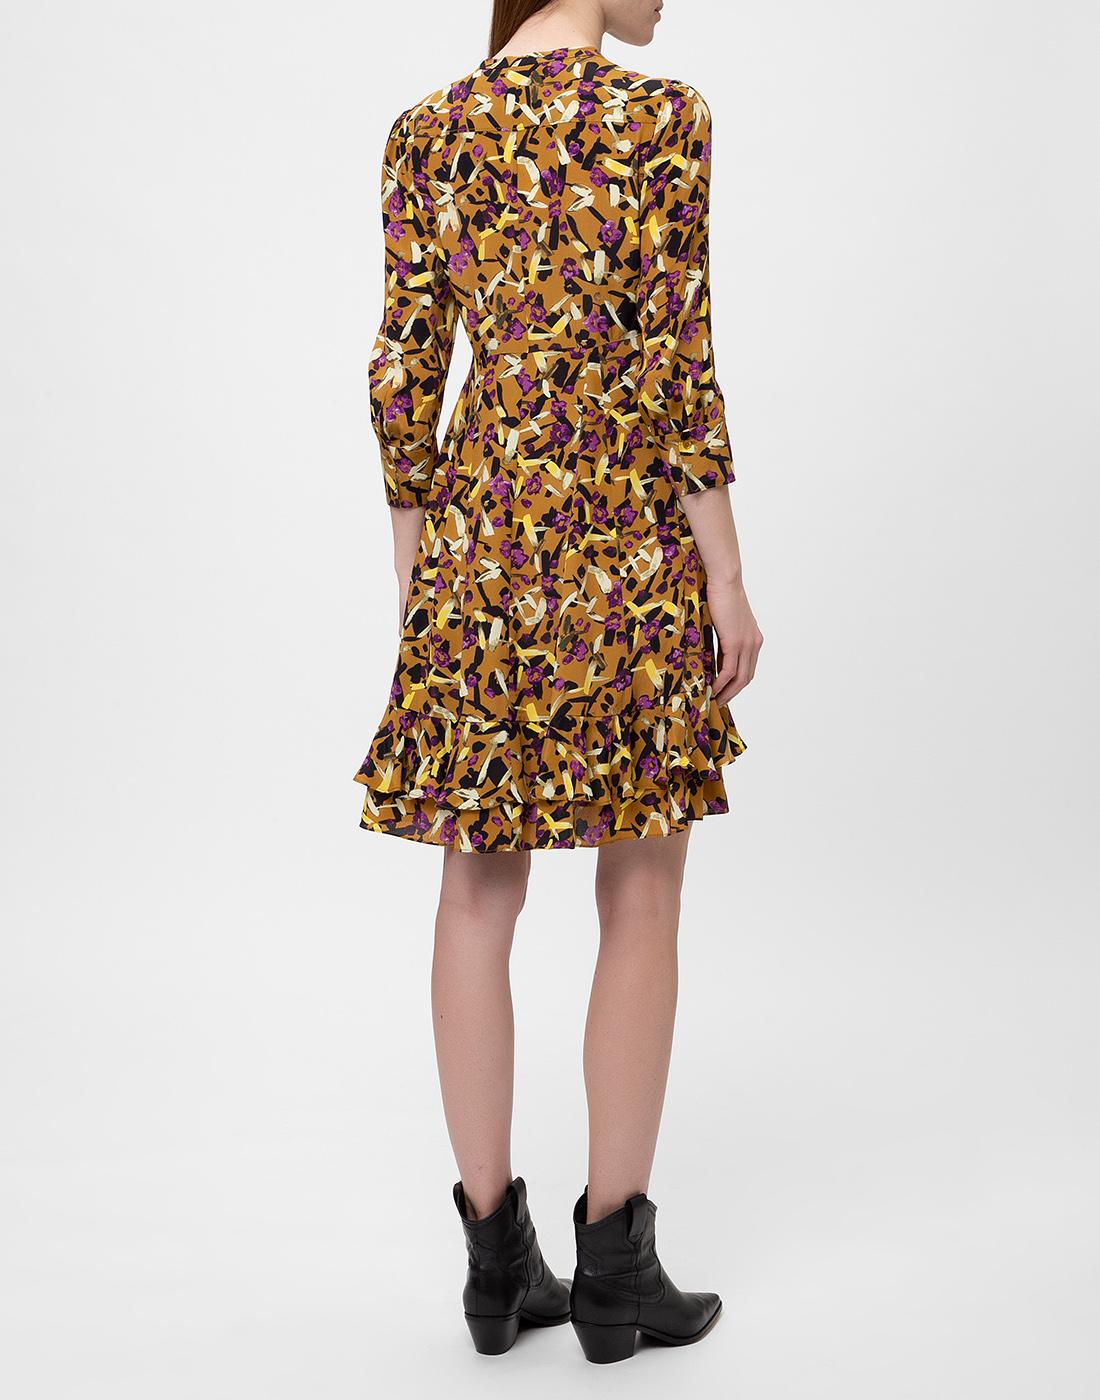 Женское платье-рубашка  Dorothee Schumacher S649713/072-4